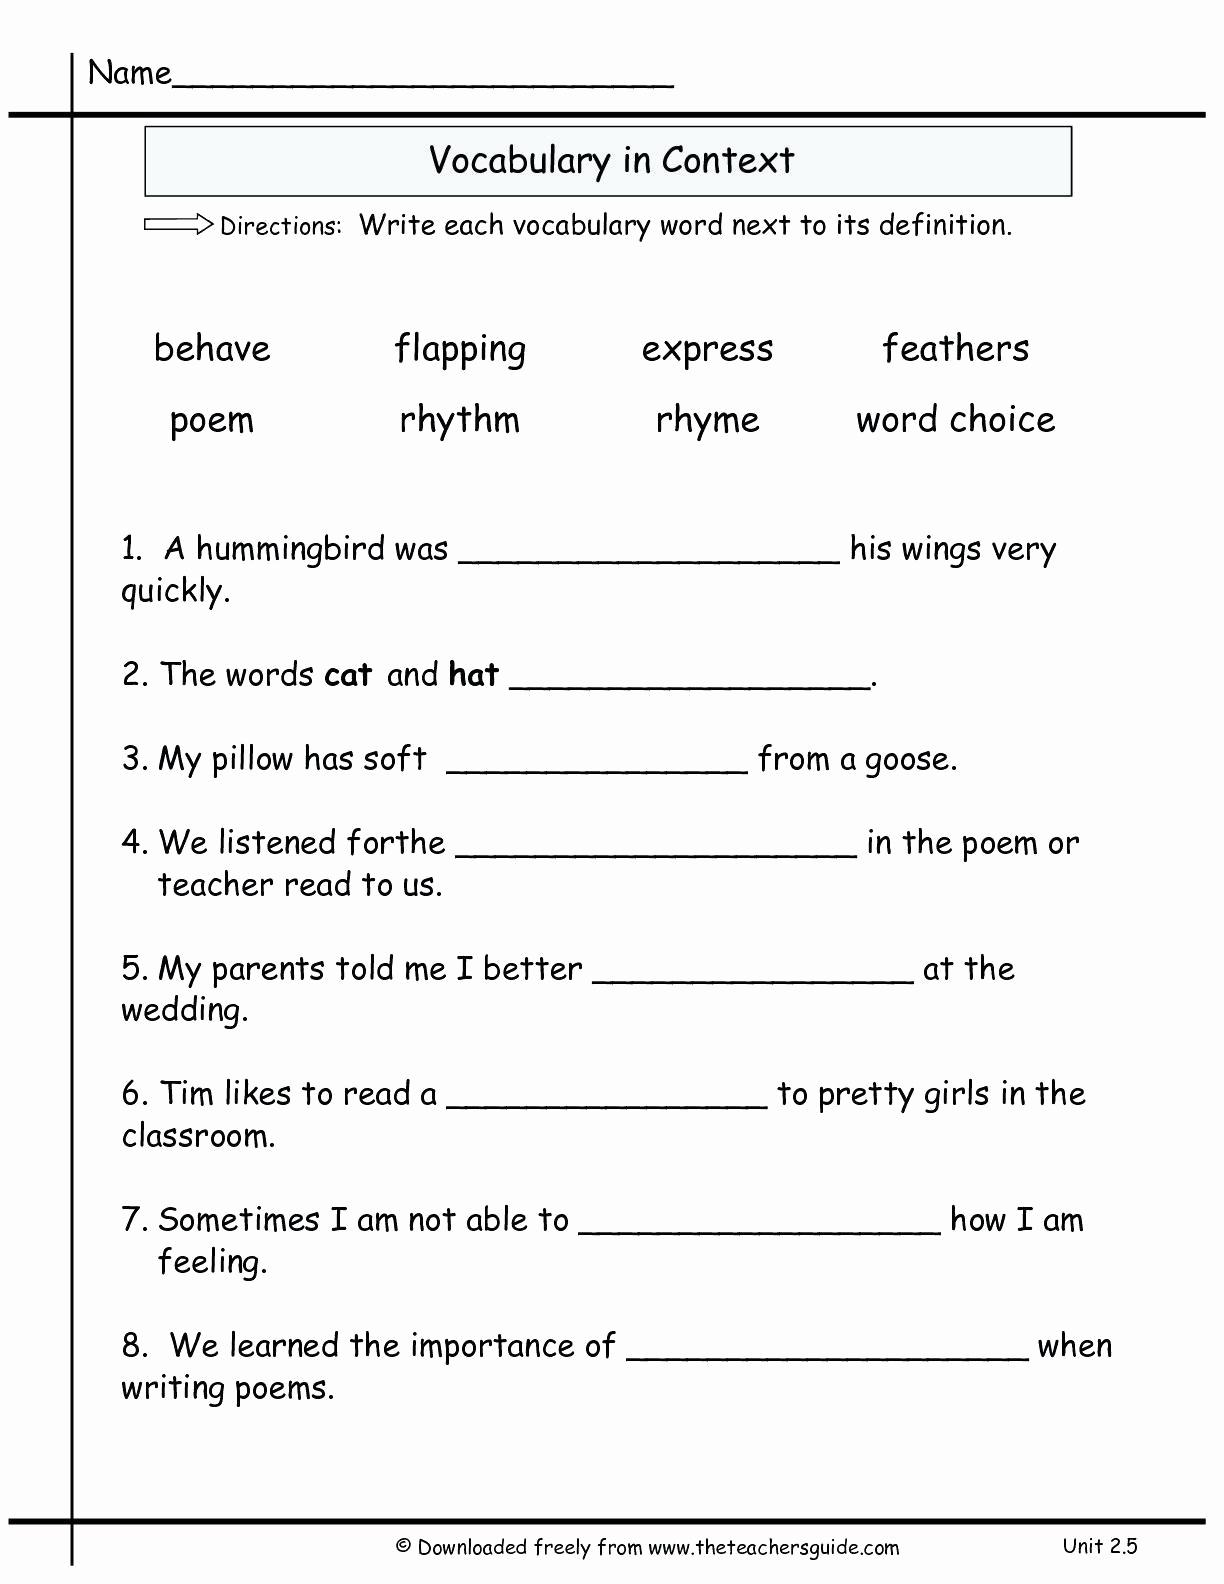 Language Arts Worksheets 8th Grade New 20 8th Grade Language Arts Worksheets